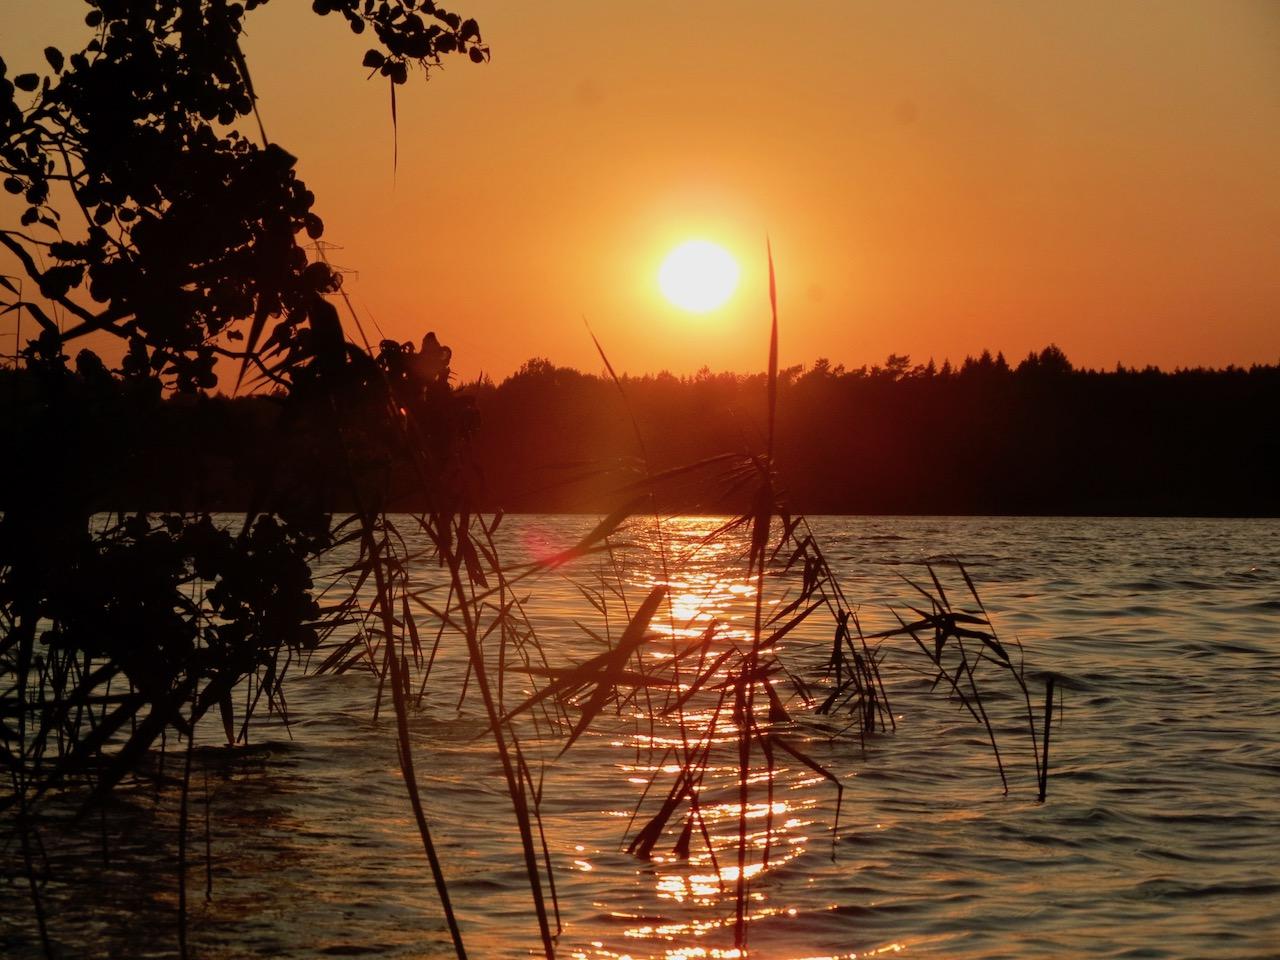 Sonnenuntergang am Drewensee